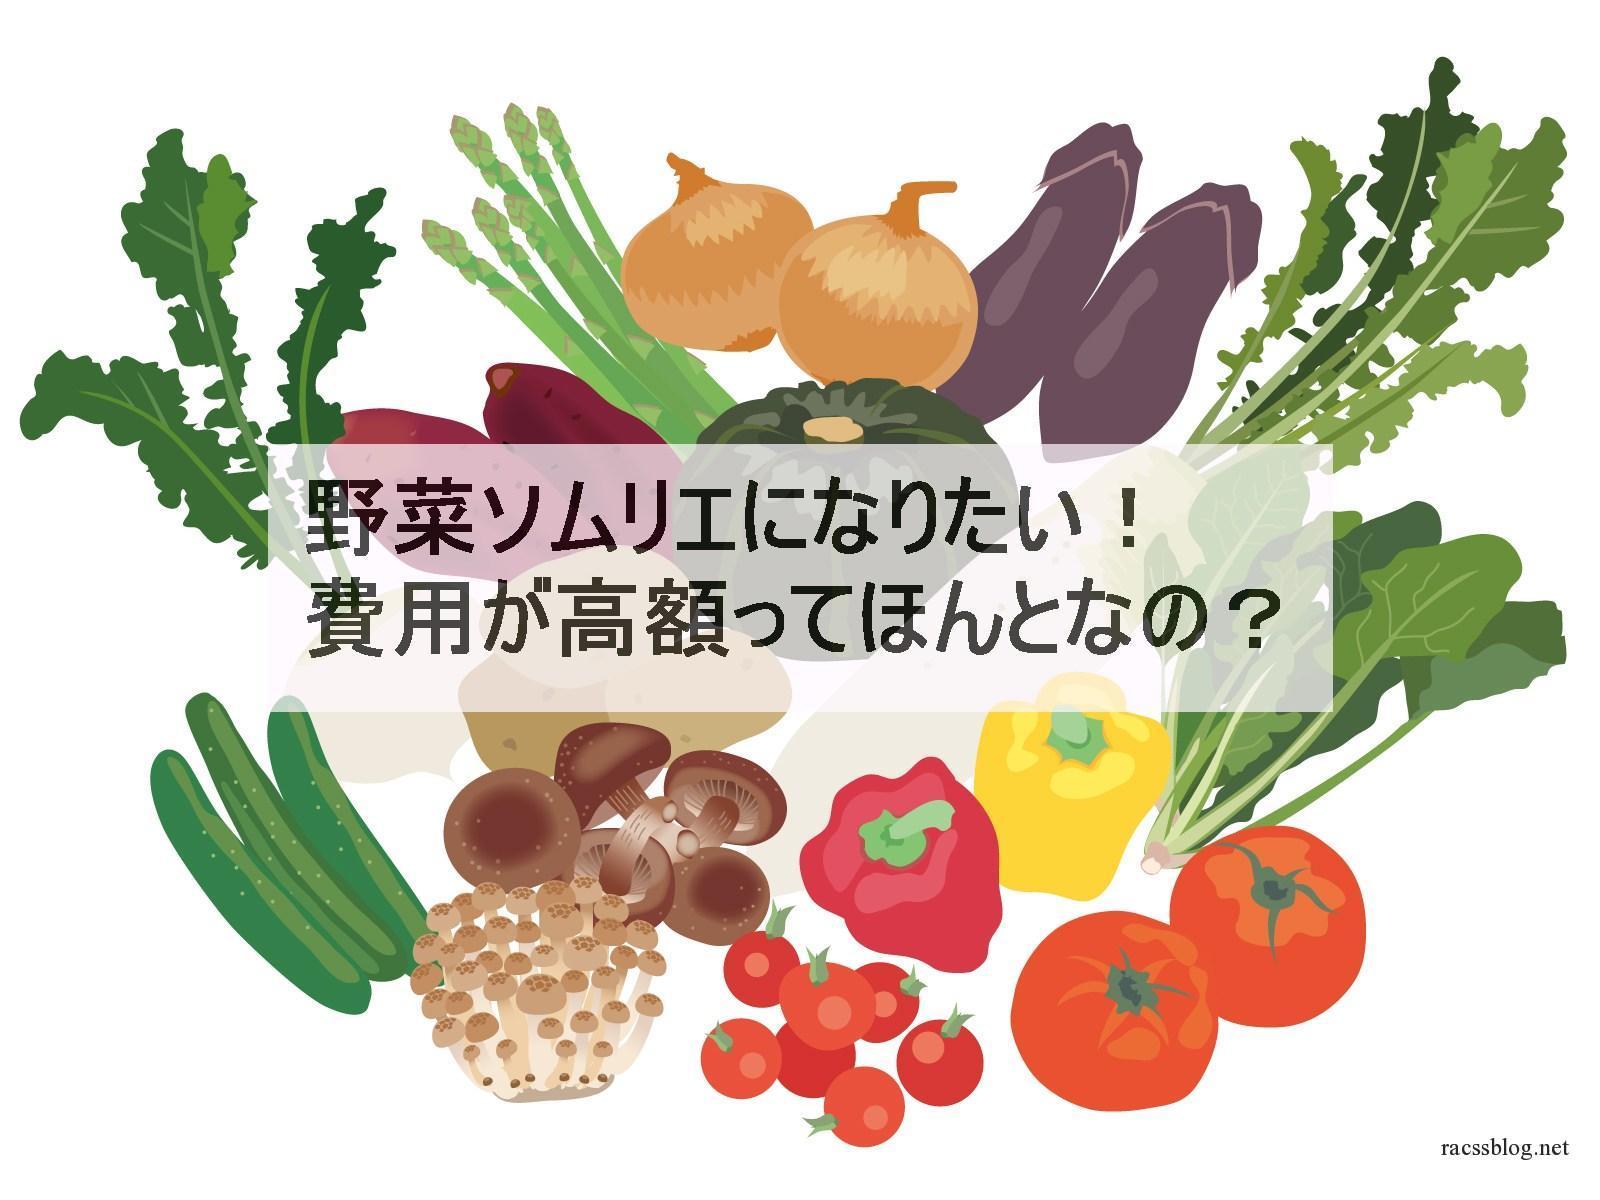 野菜ソムリエになるには|ランク別講座費用をチェックして見きわめましょう